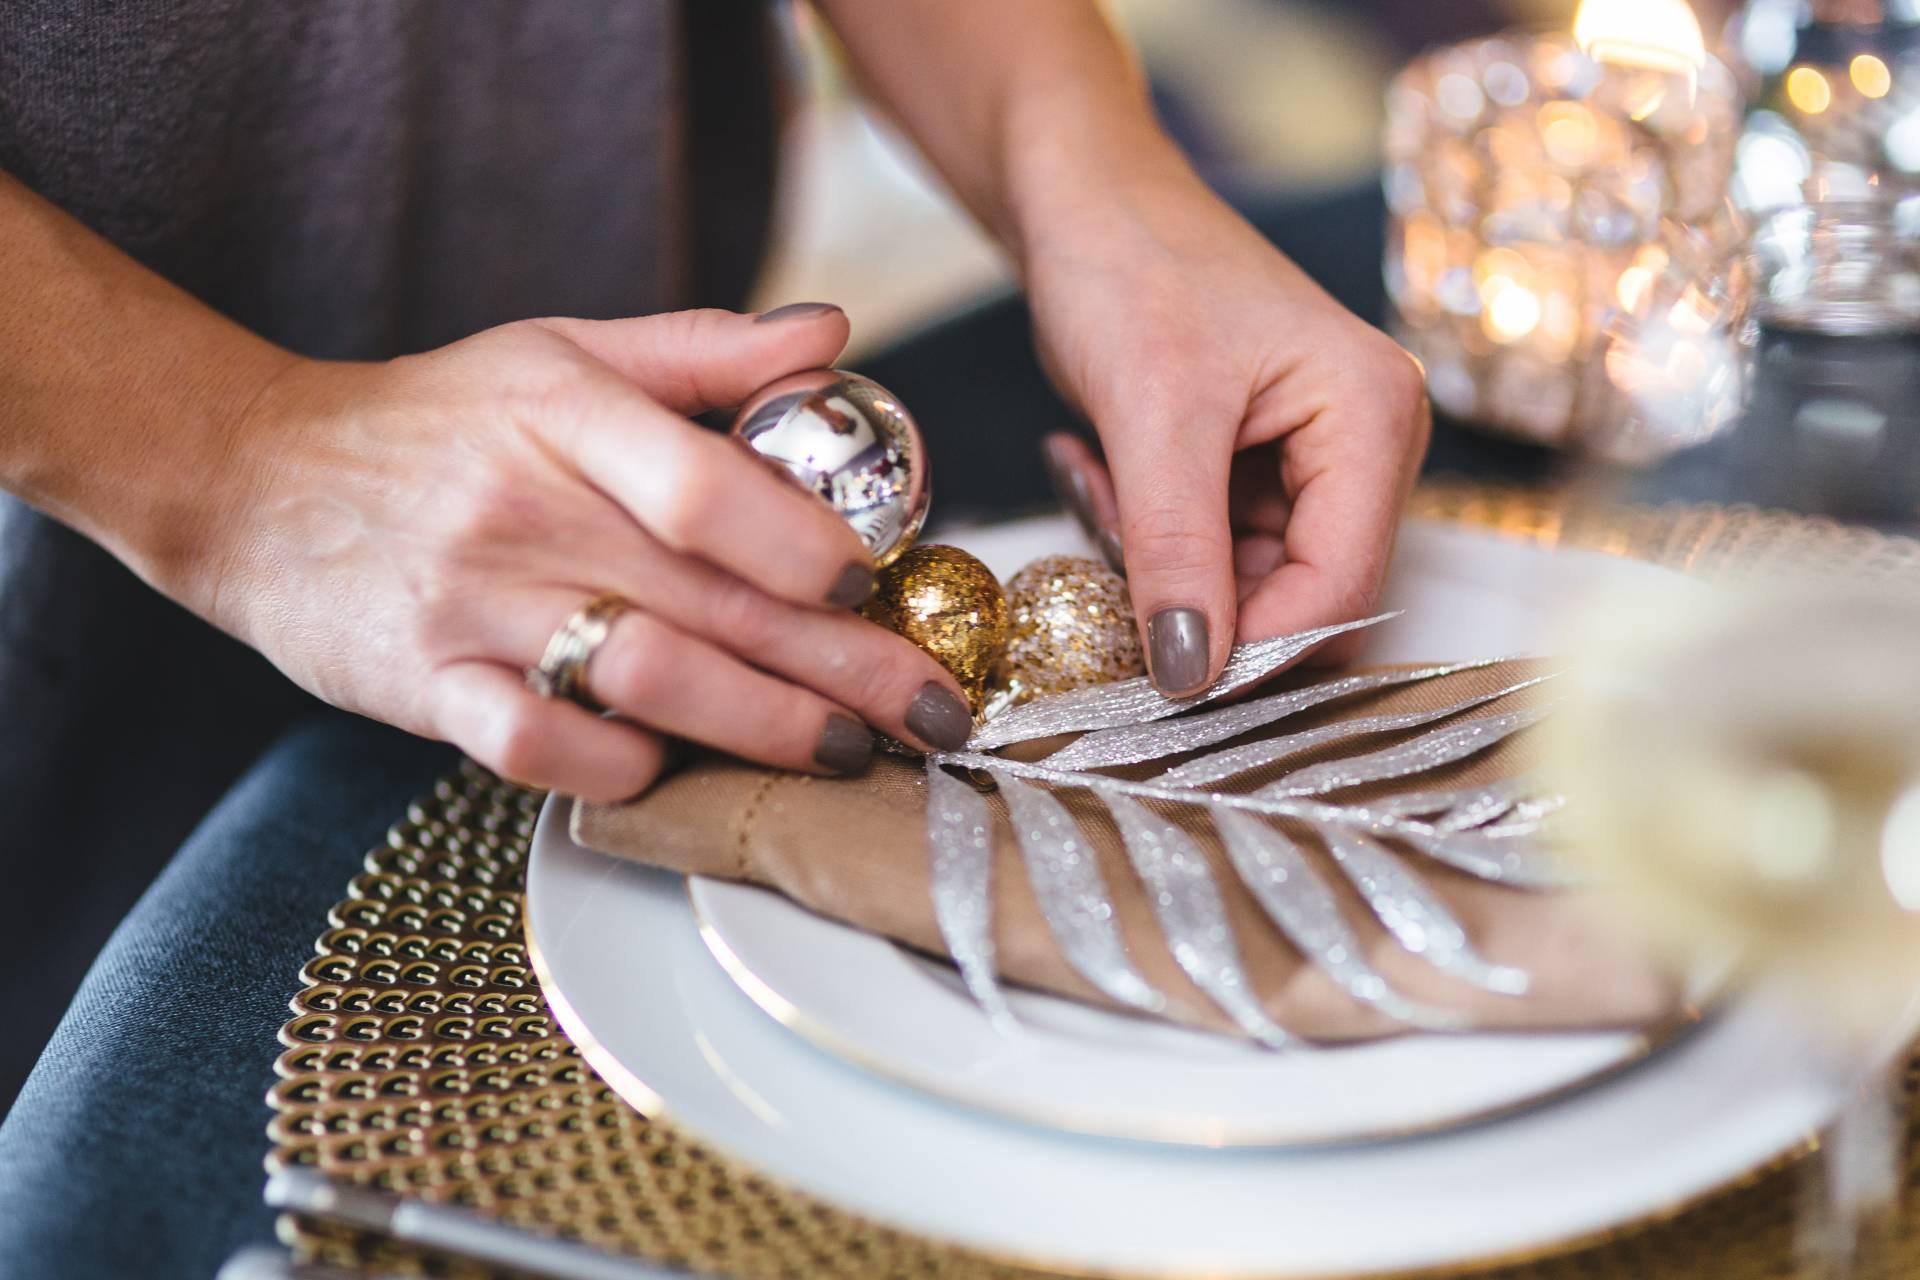 Feestdagen Kersttafel Aankleden : Tips: kersttafel versieren teddlicious